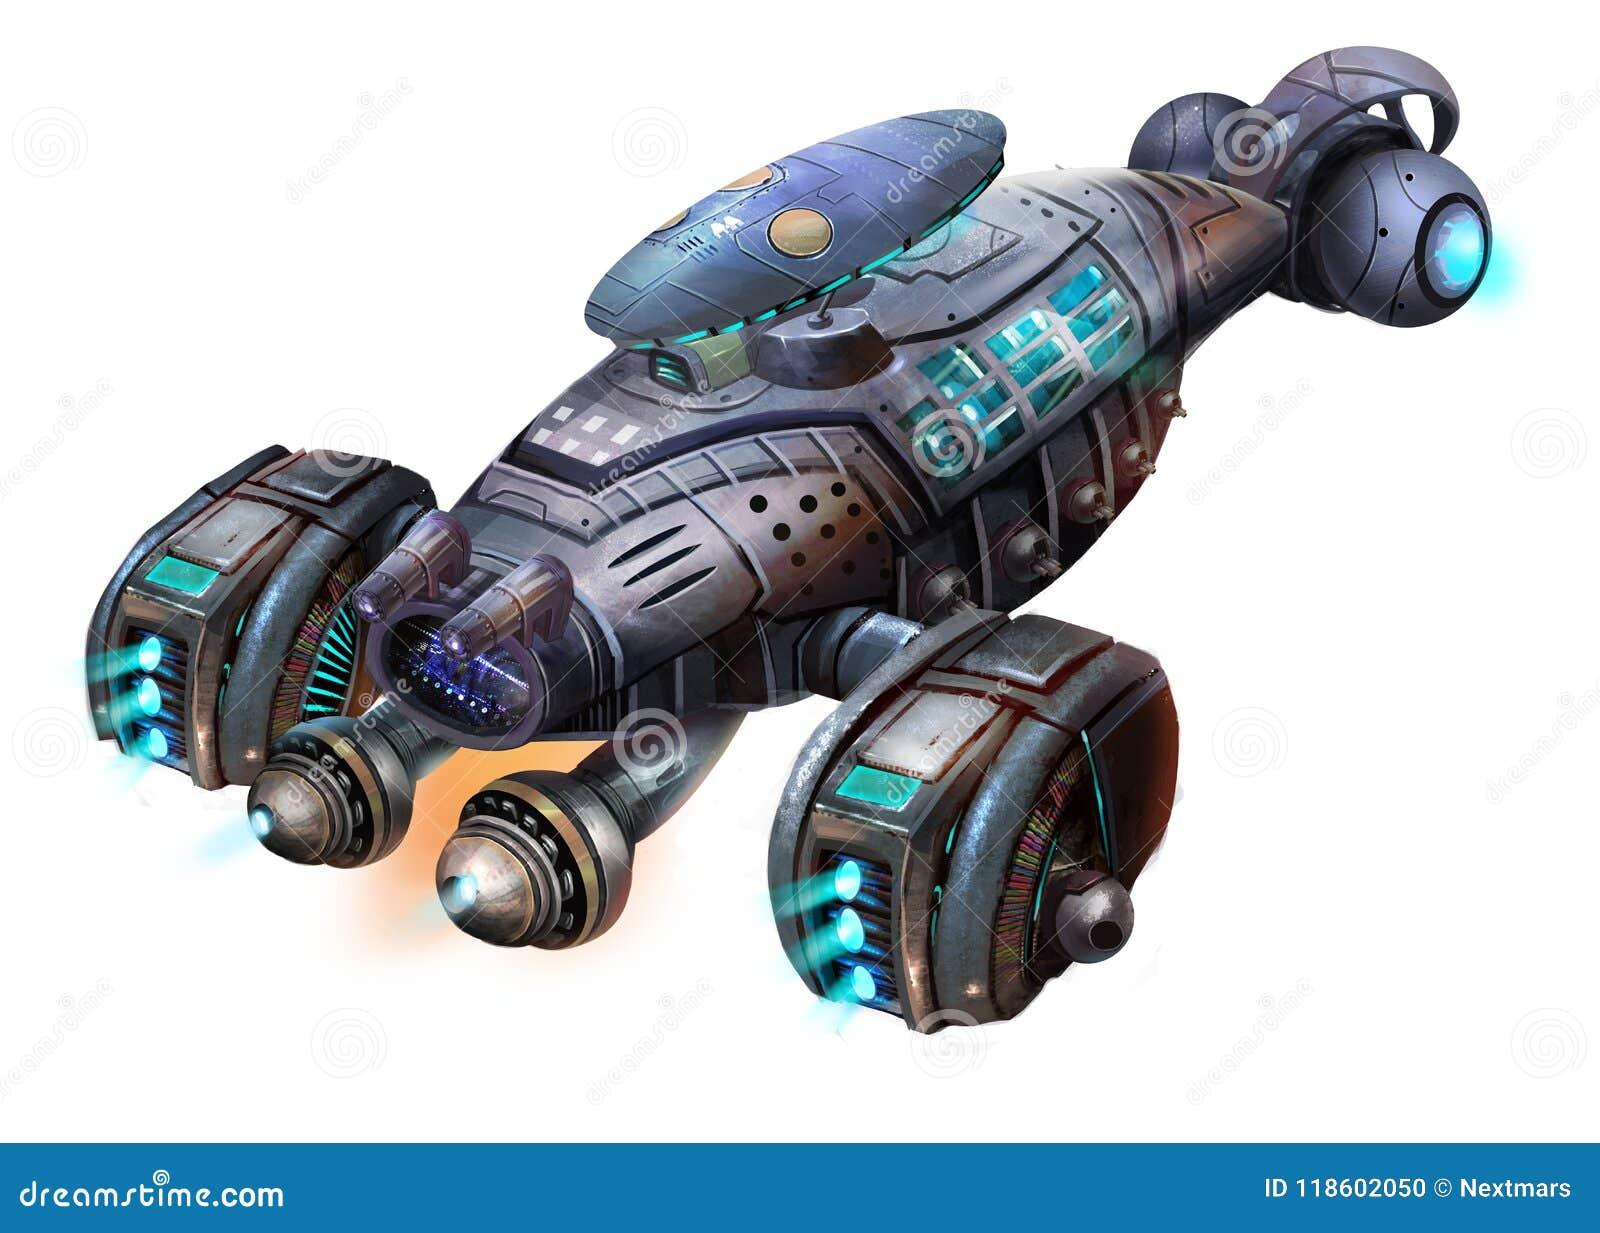 Fantastyka naukowa samolot Krewetkowy statek kosmiczny, nauki fikci statek kosmiczny z Fantastycznym, Realistycznym i Futurystycz